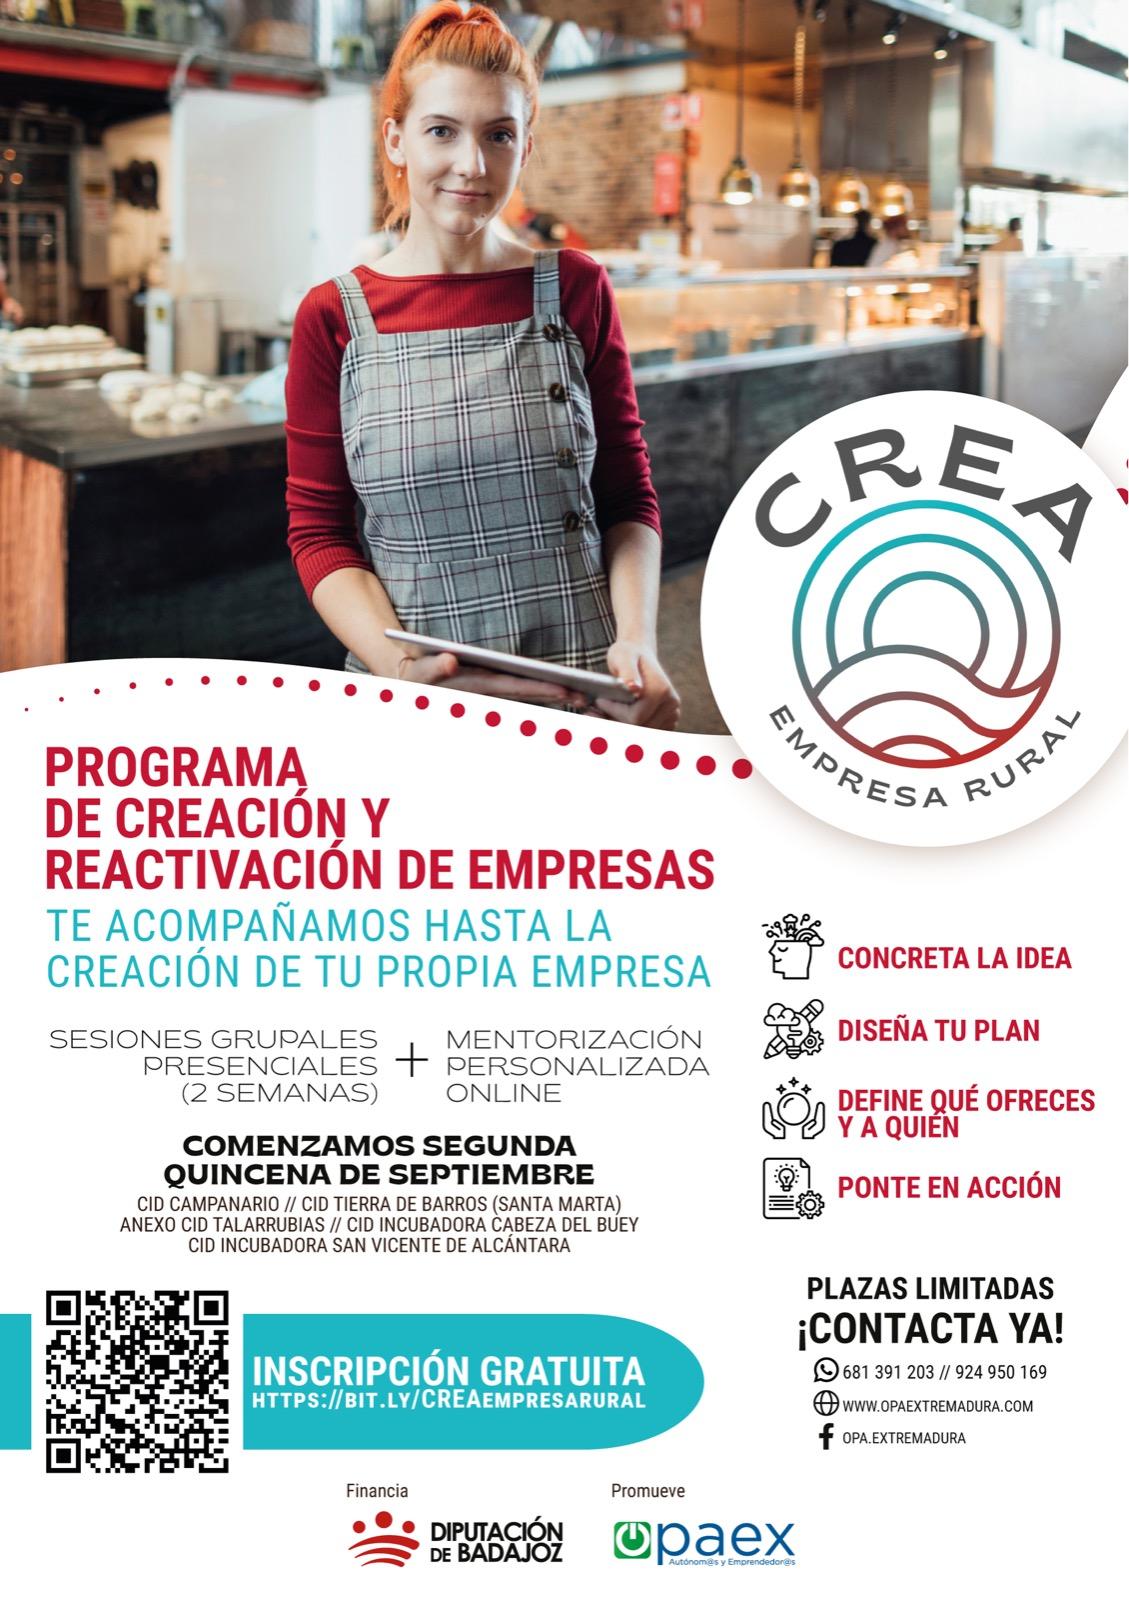 Programa de creación y reactivación de empresas.